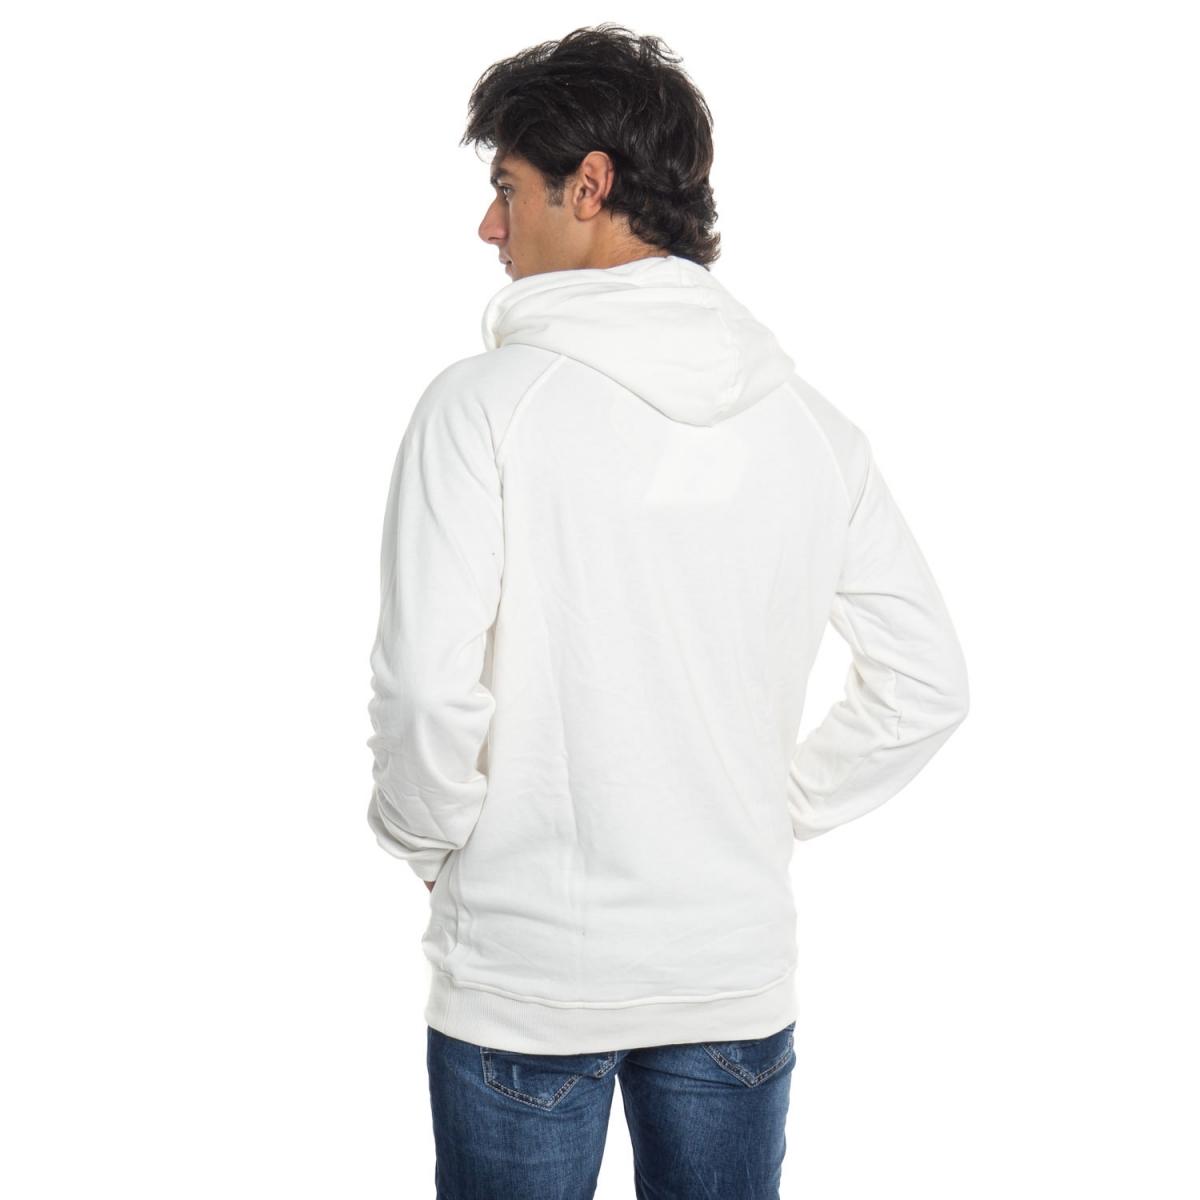 abbigliamento Felpe uomo Felpa con cappuccio NBB37959 LANDEK PARK Cafedelmar Shop